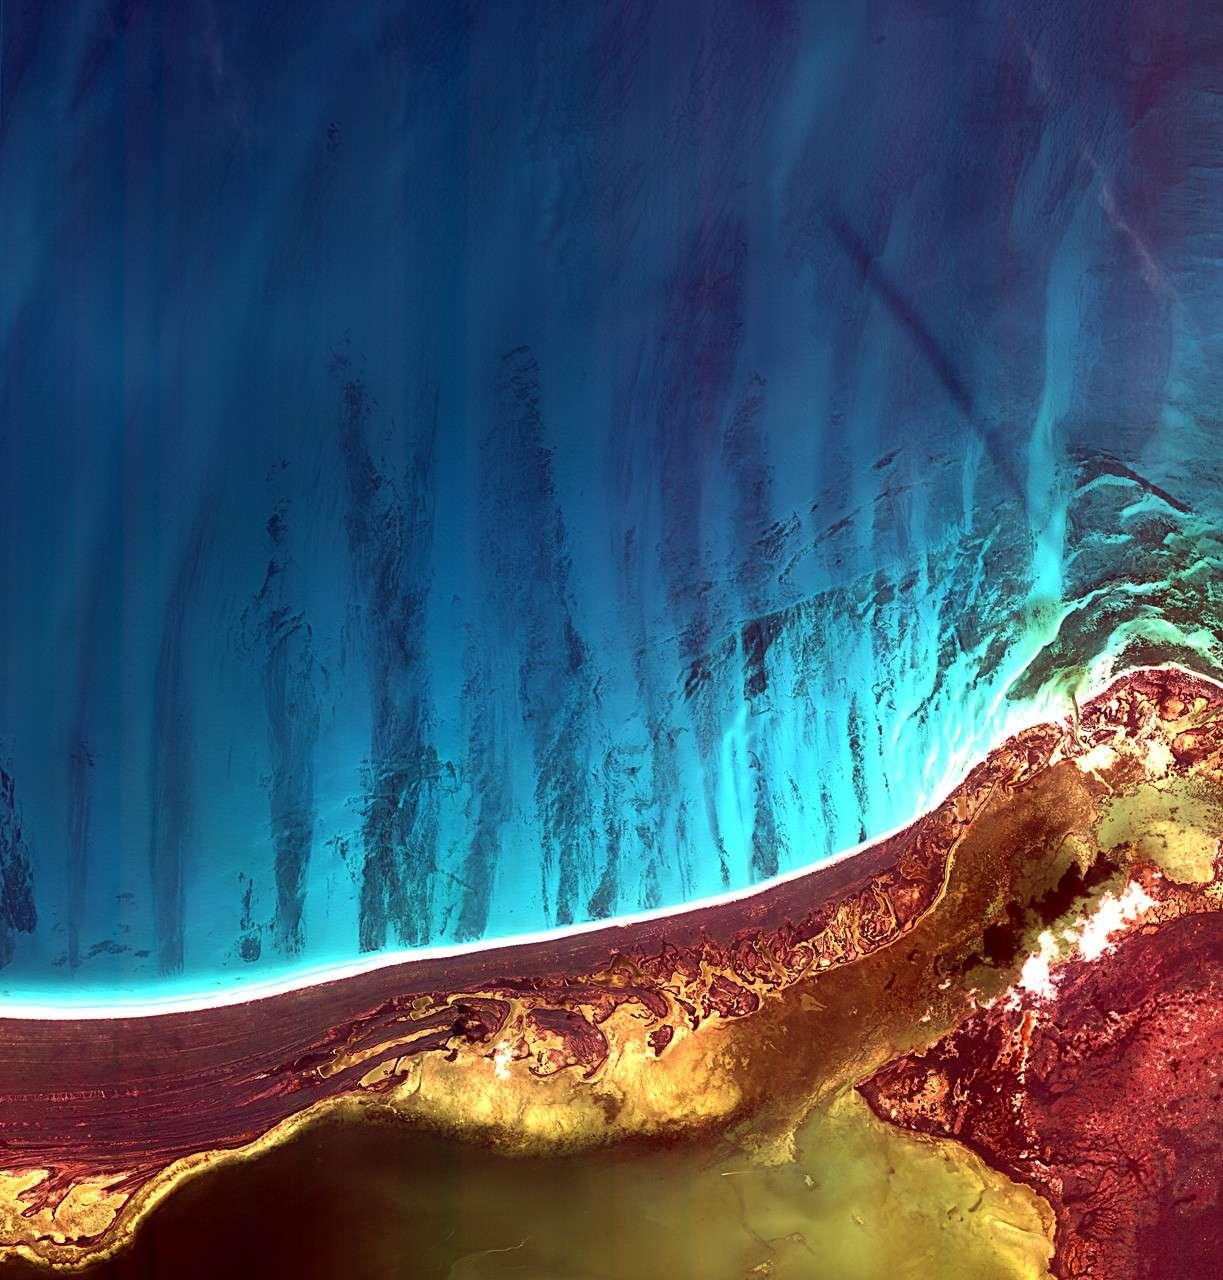 L'île Holbox et la lagune de Yalahau, à l'extrémité nord-est de la péninsule du Yucatan, au Mexique, sont au cœur de cette image réalisée par le satellite Kompsat 2. © Kari